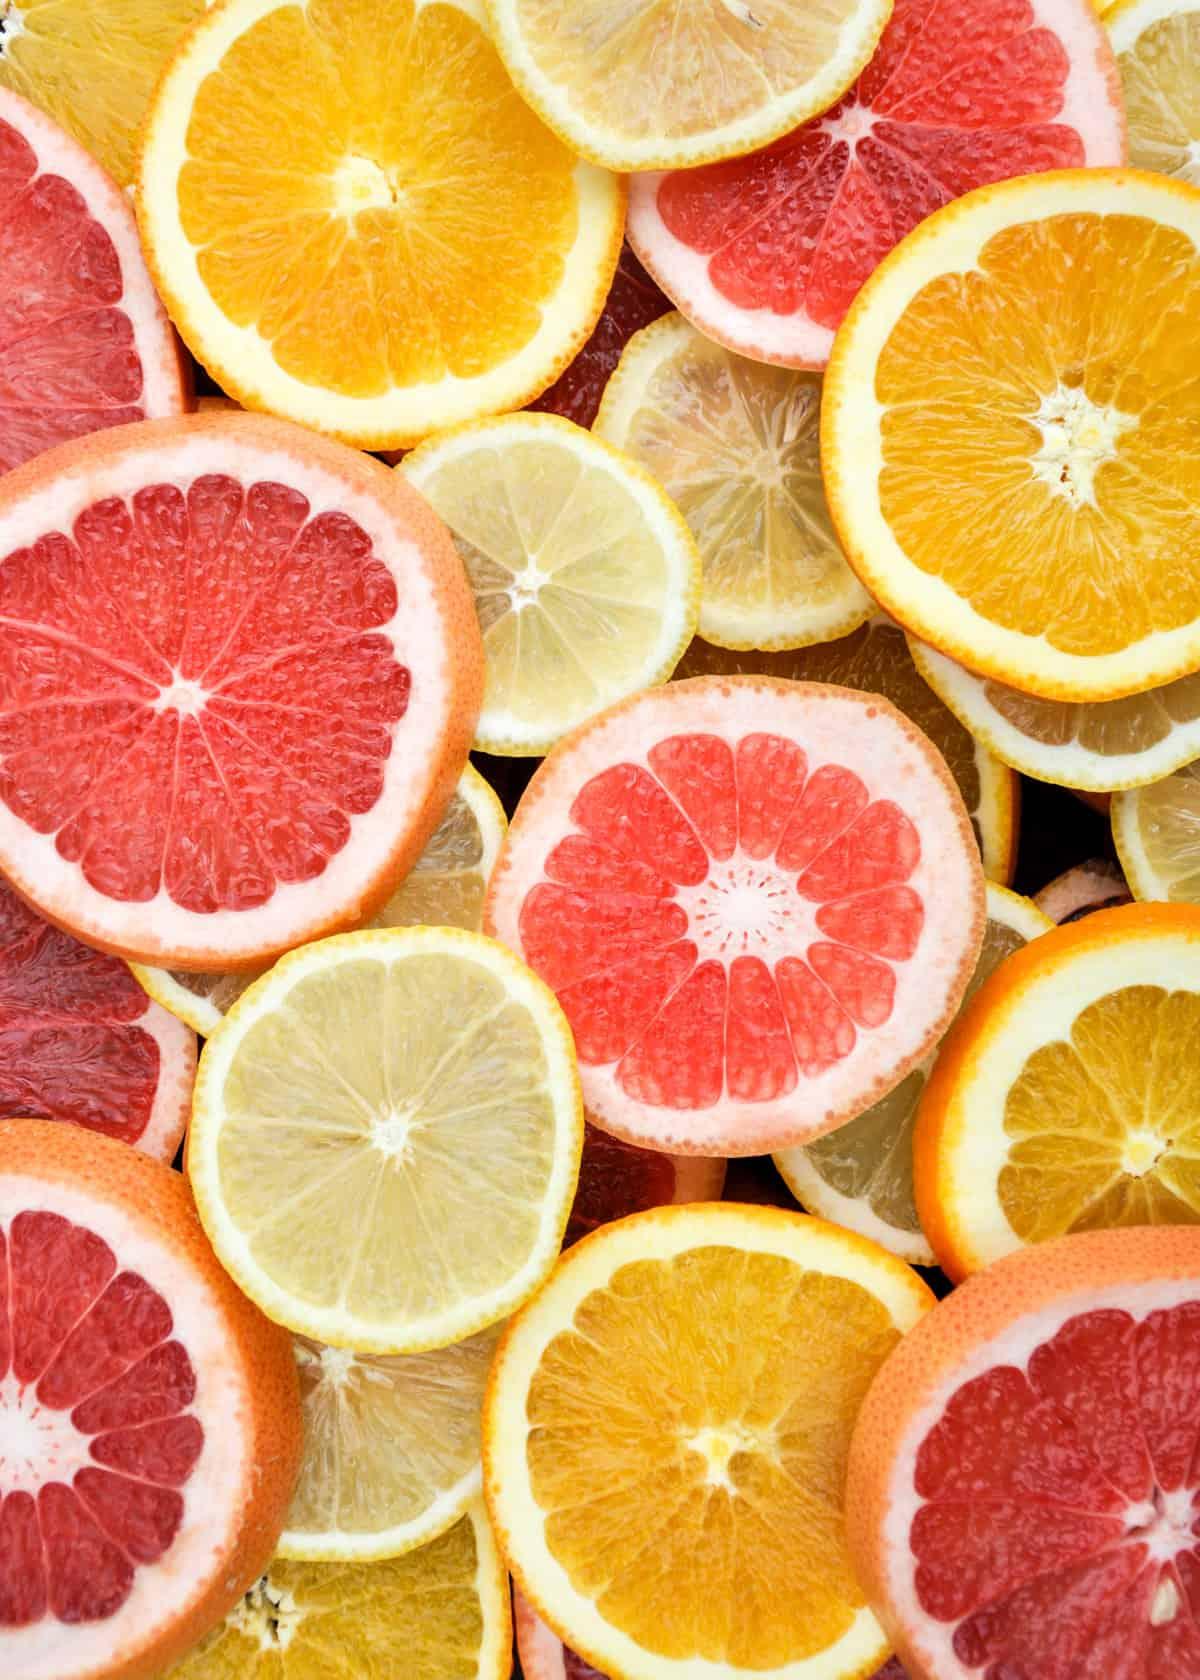 California Citrus Recipe Roundup